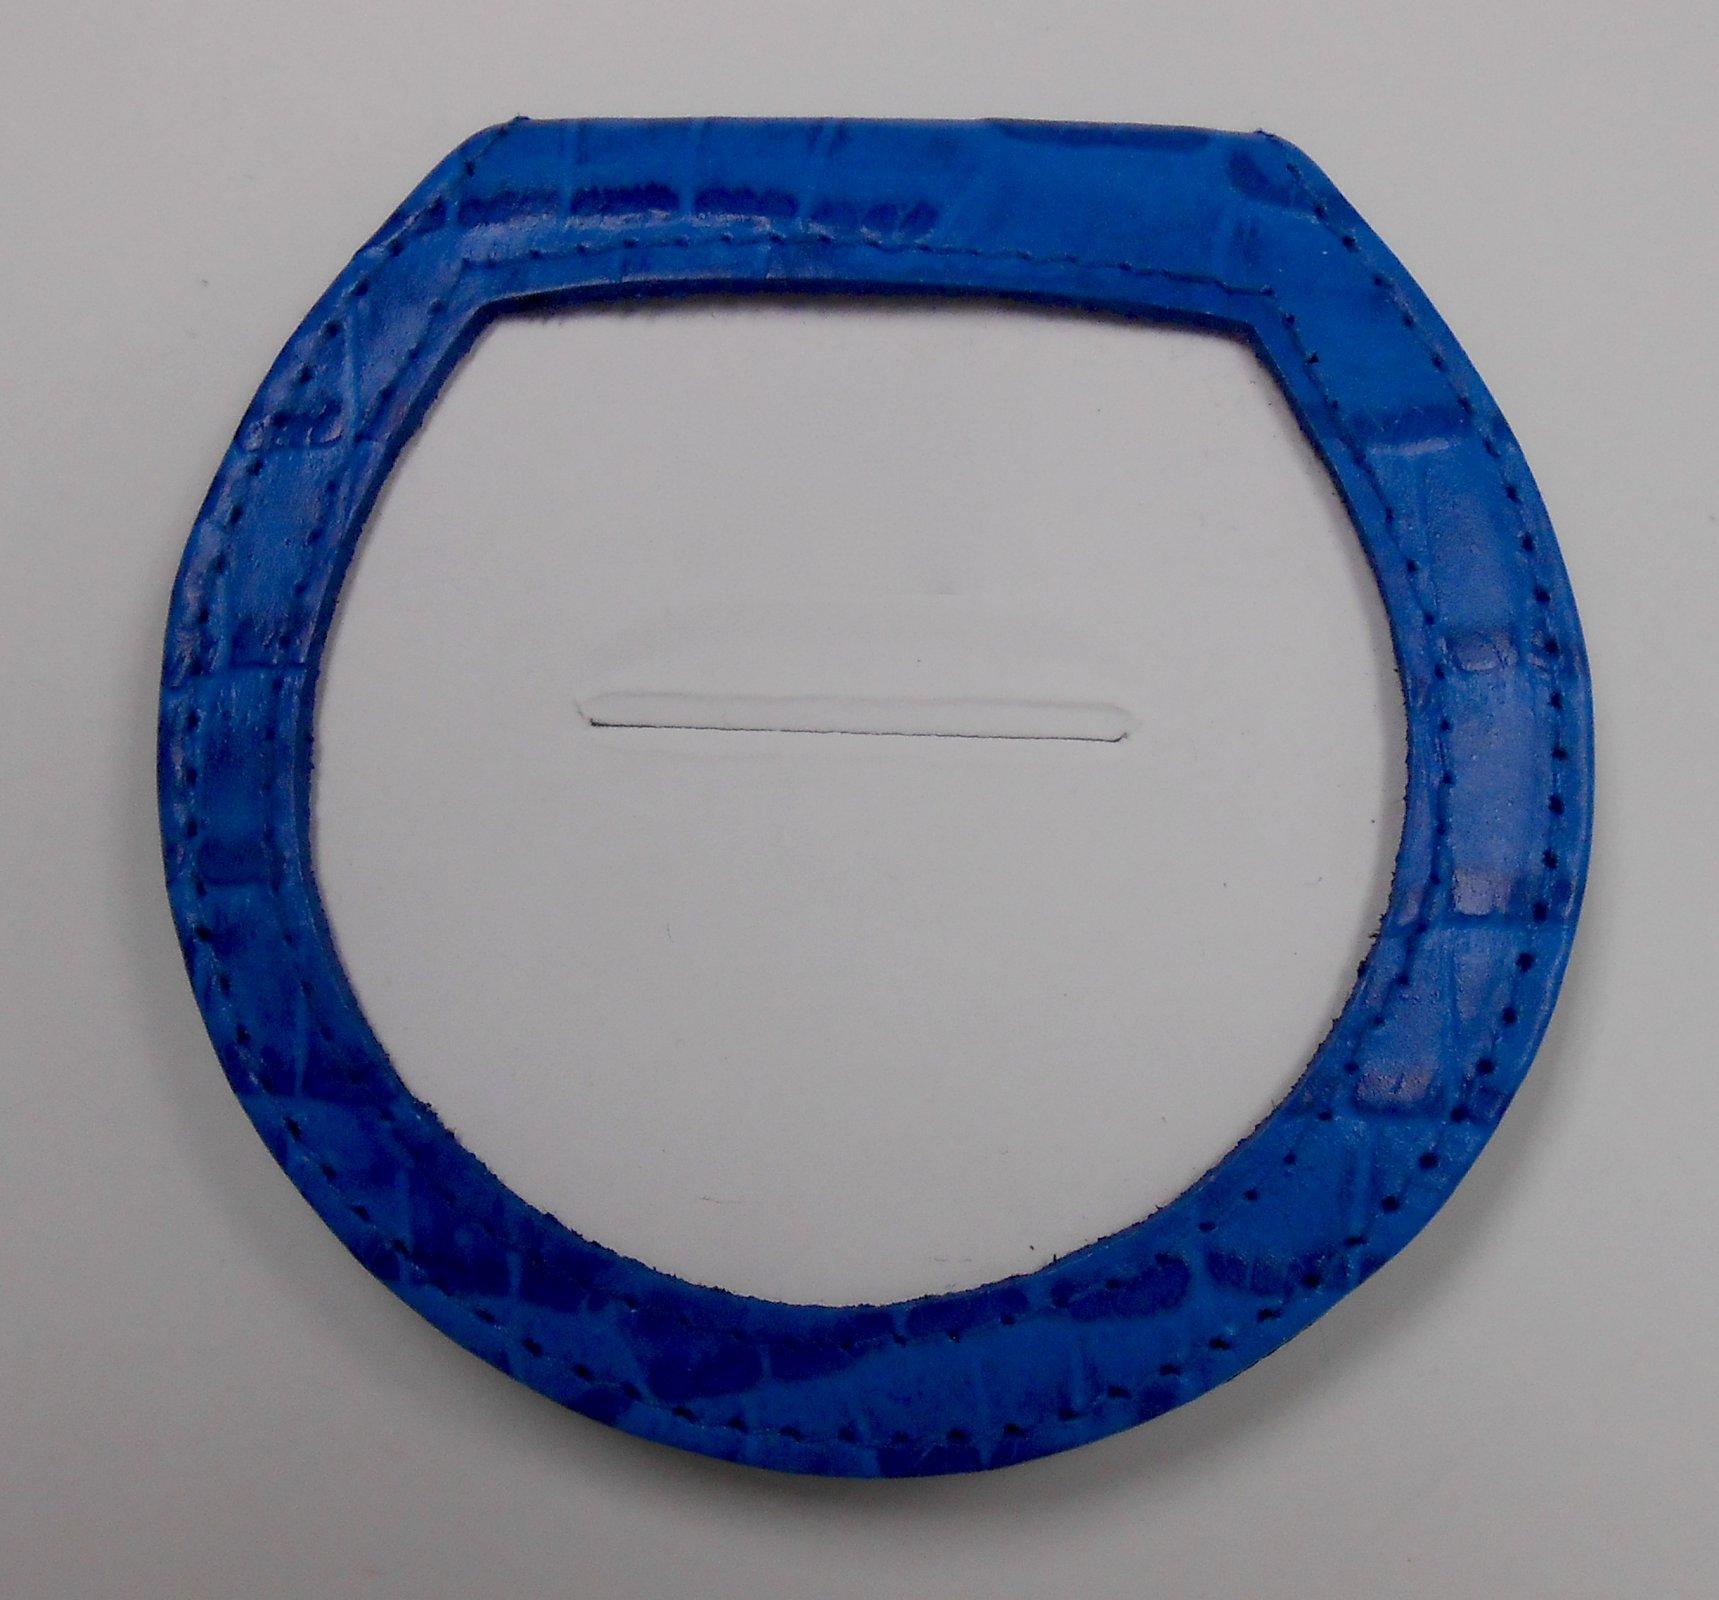 Blue Alligator Purse Mirror